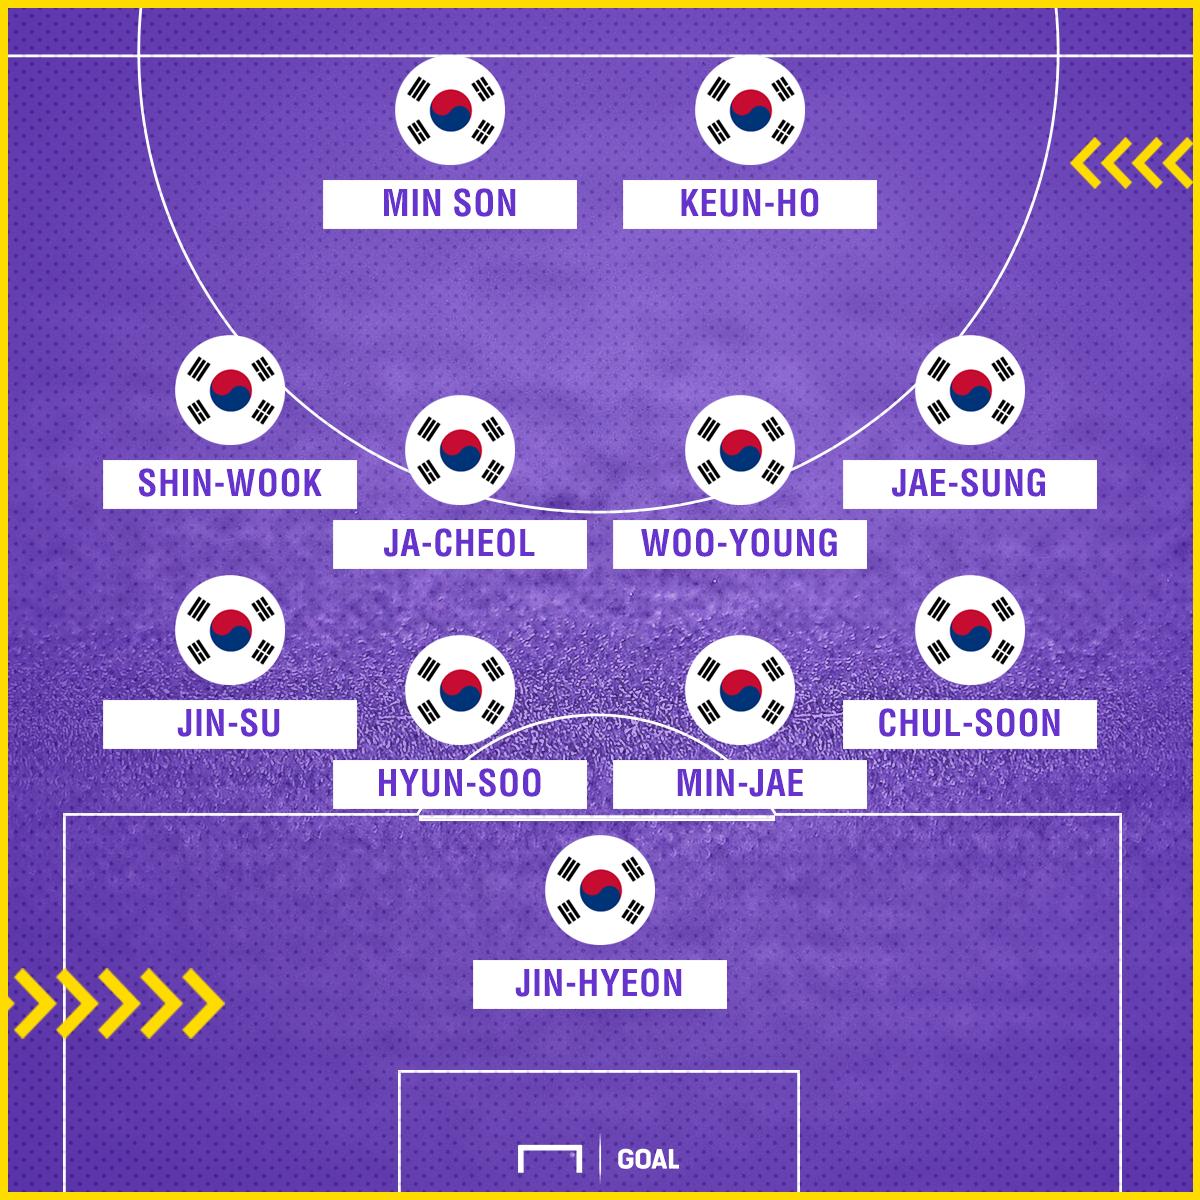 south-korea-lineup-only-turkey_t7b108w6jm5c1uoqztgsu8h7o.png